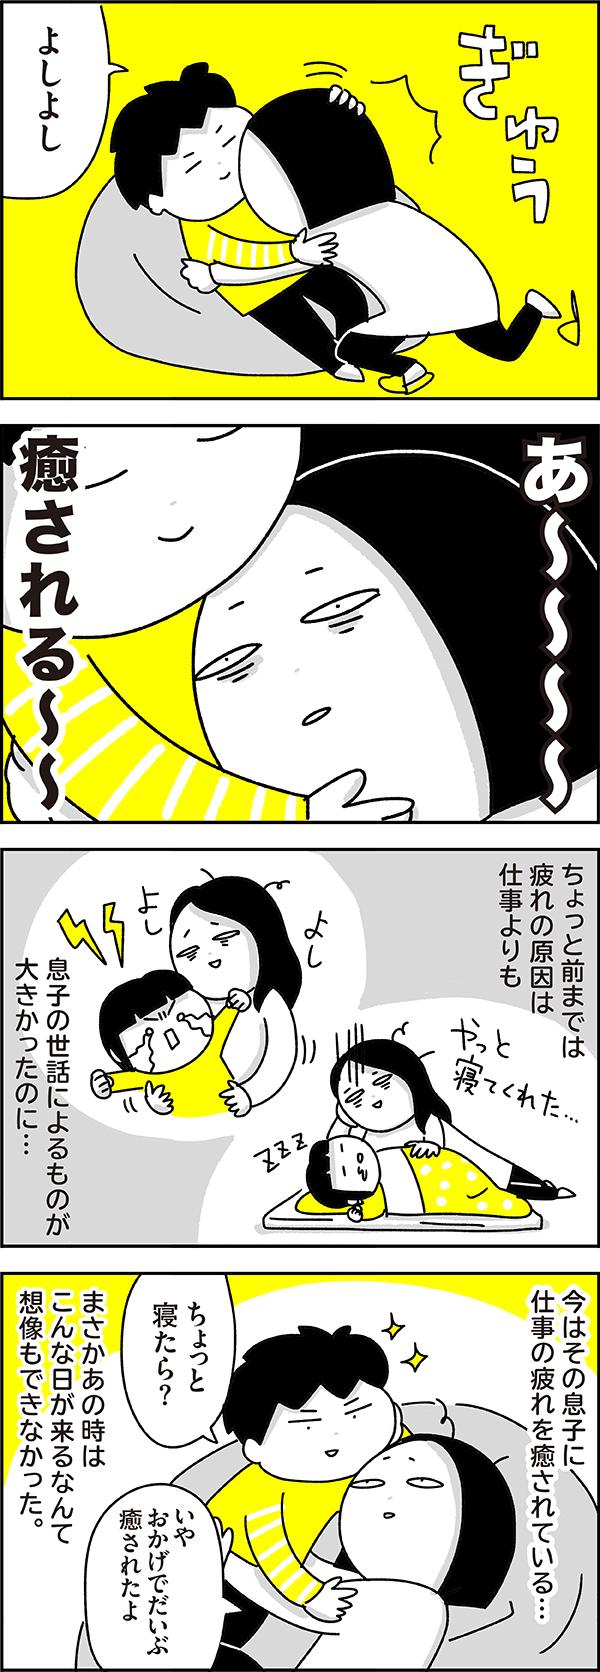 こんな日が来るとは…♡ 育児ツライ…から、息子が癒やしステーションに変化の画像2